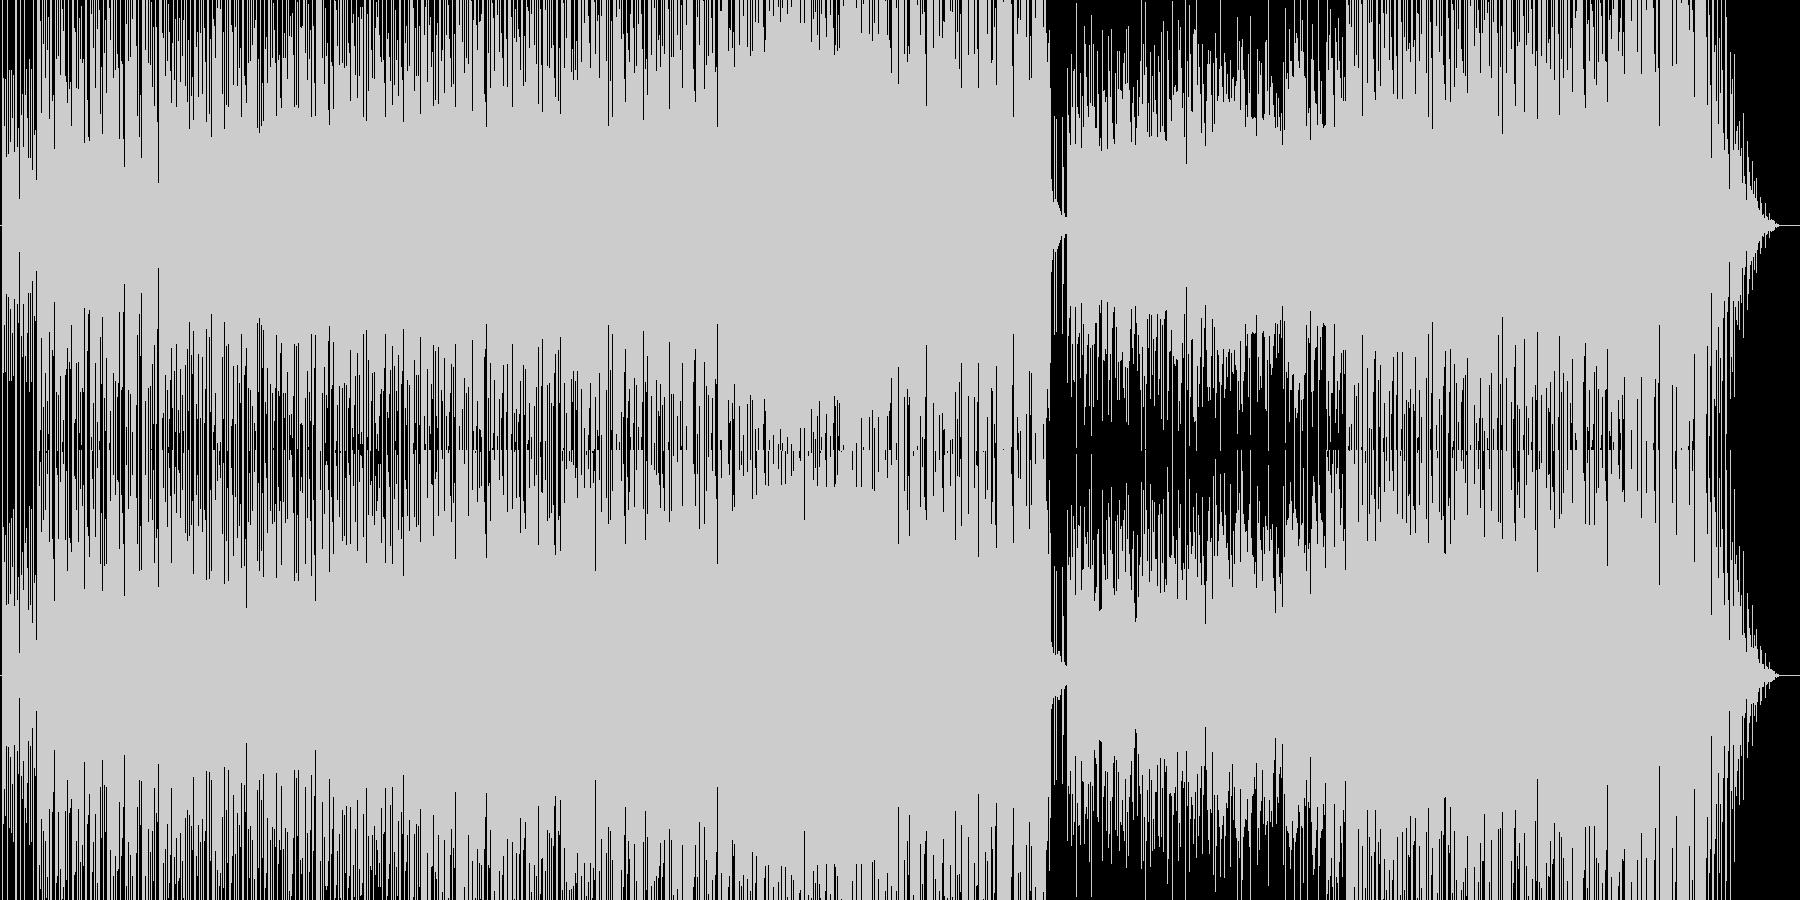 インストゥルメンタルポップギターの...の未再生の波形